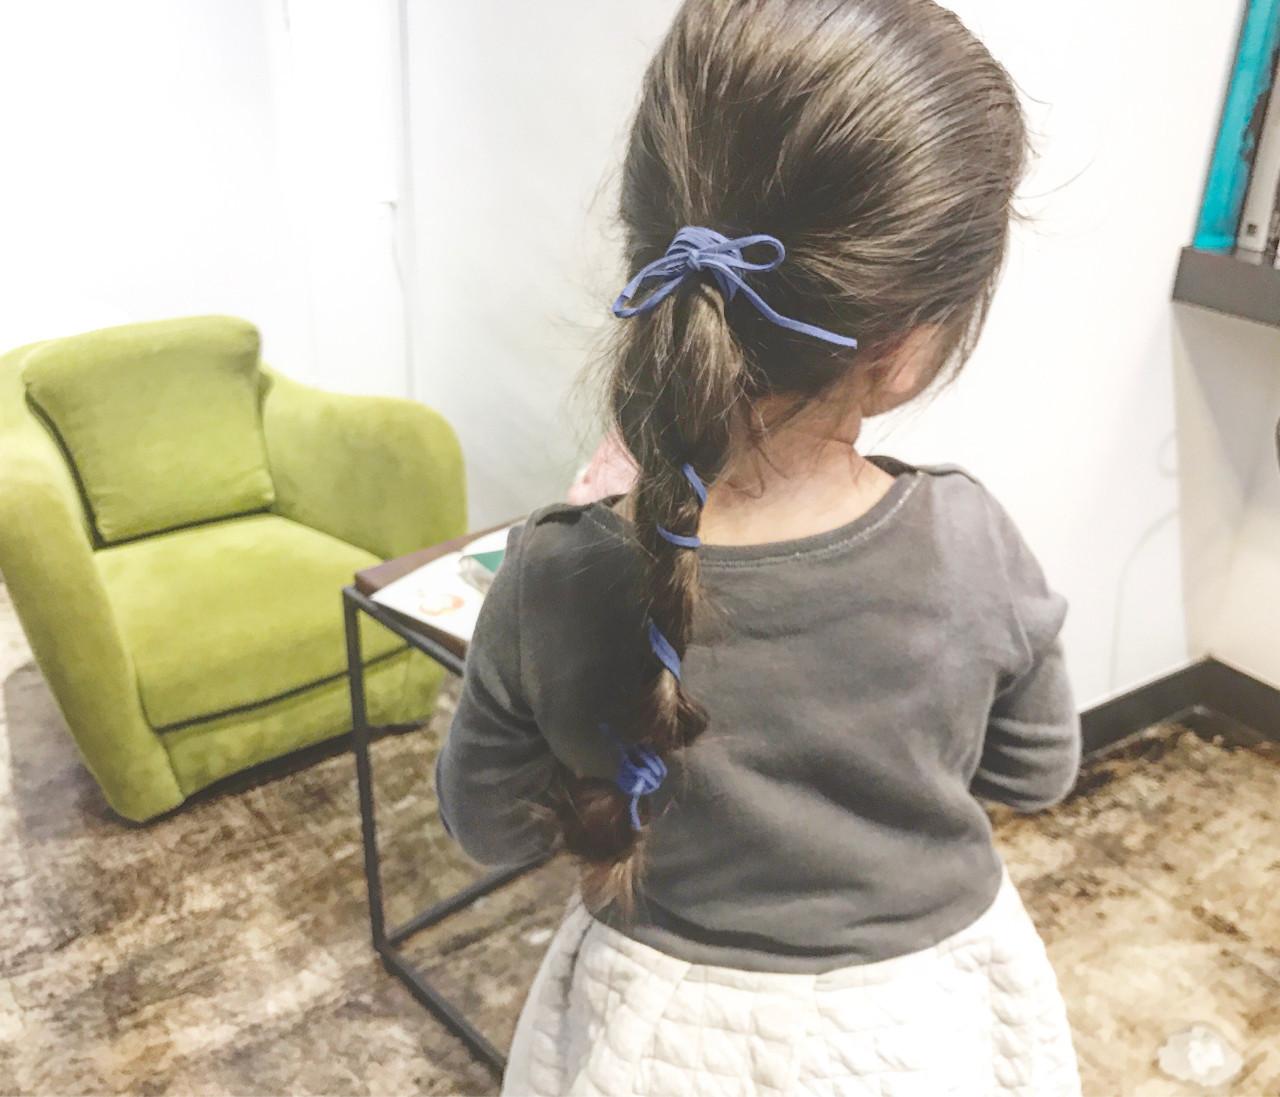 簡単ヘアアレンジ 子供 ロング 編み込み ヘアスタイルや髪型の写真・画像